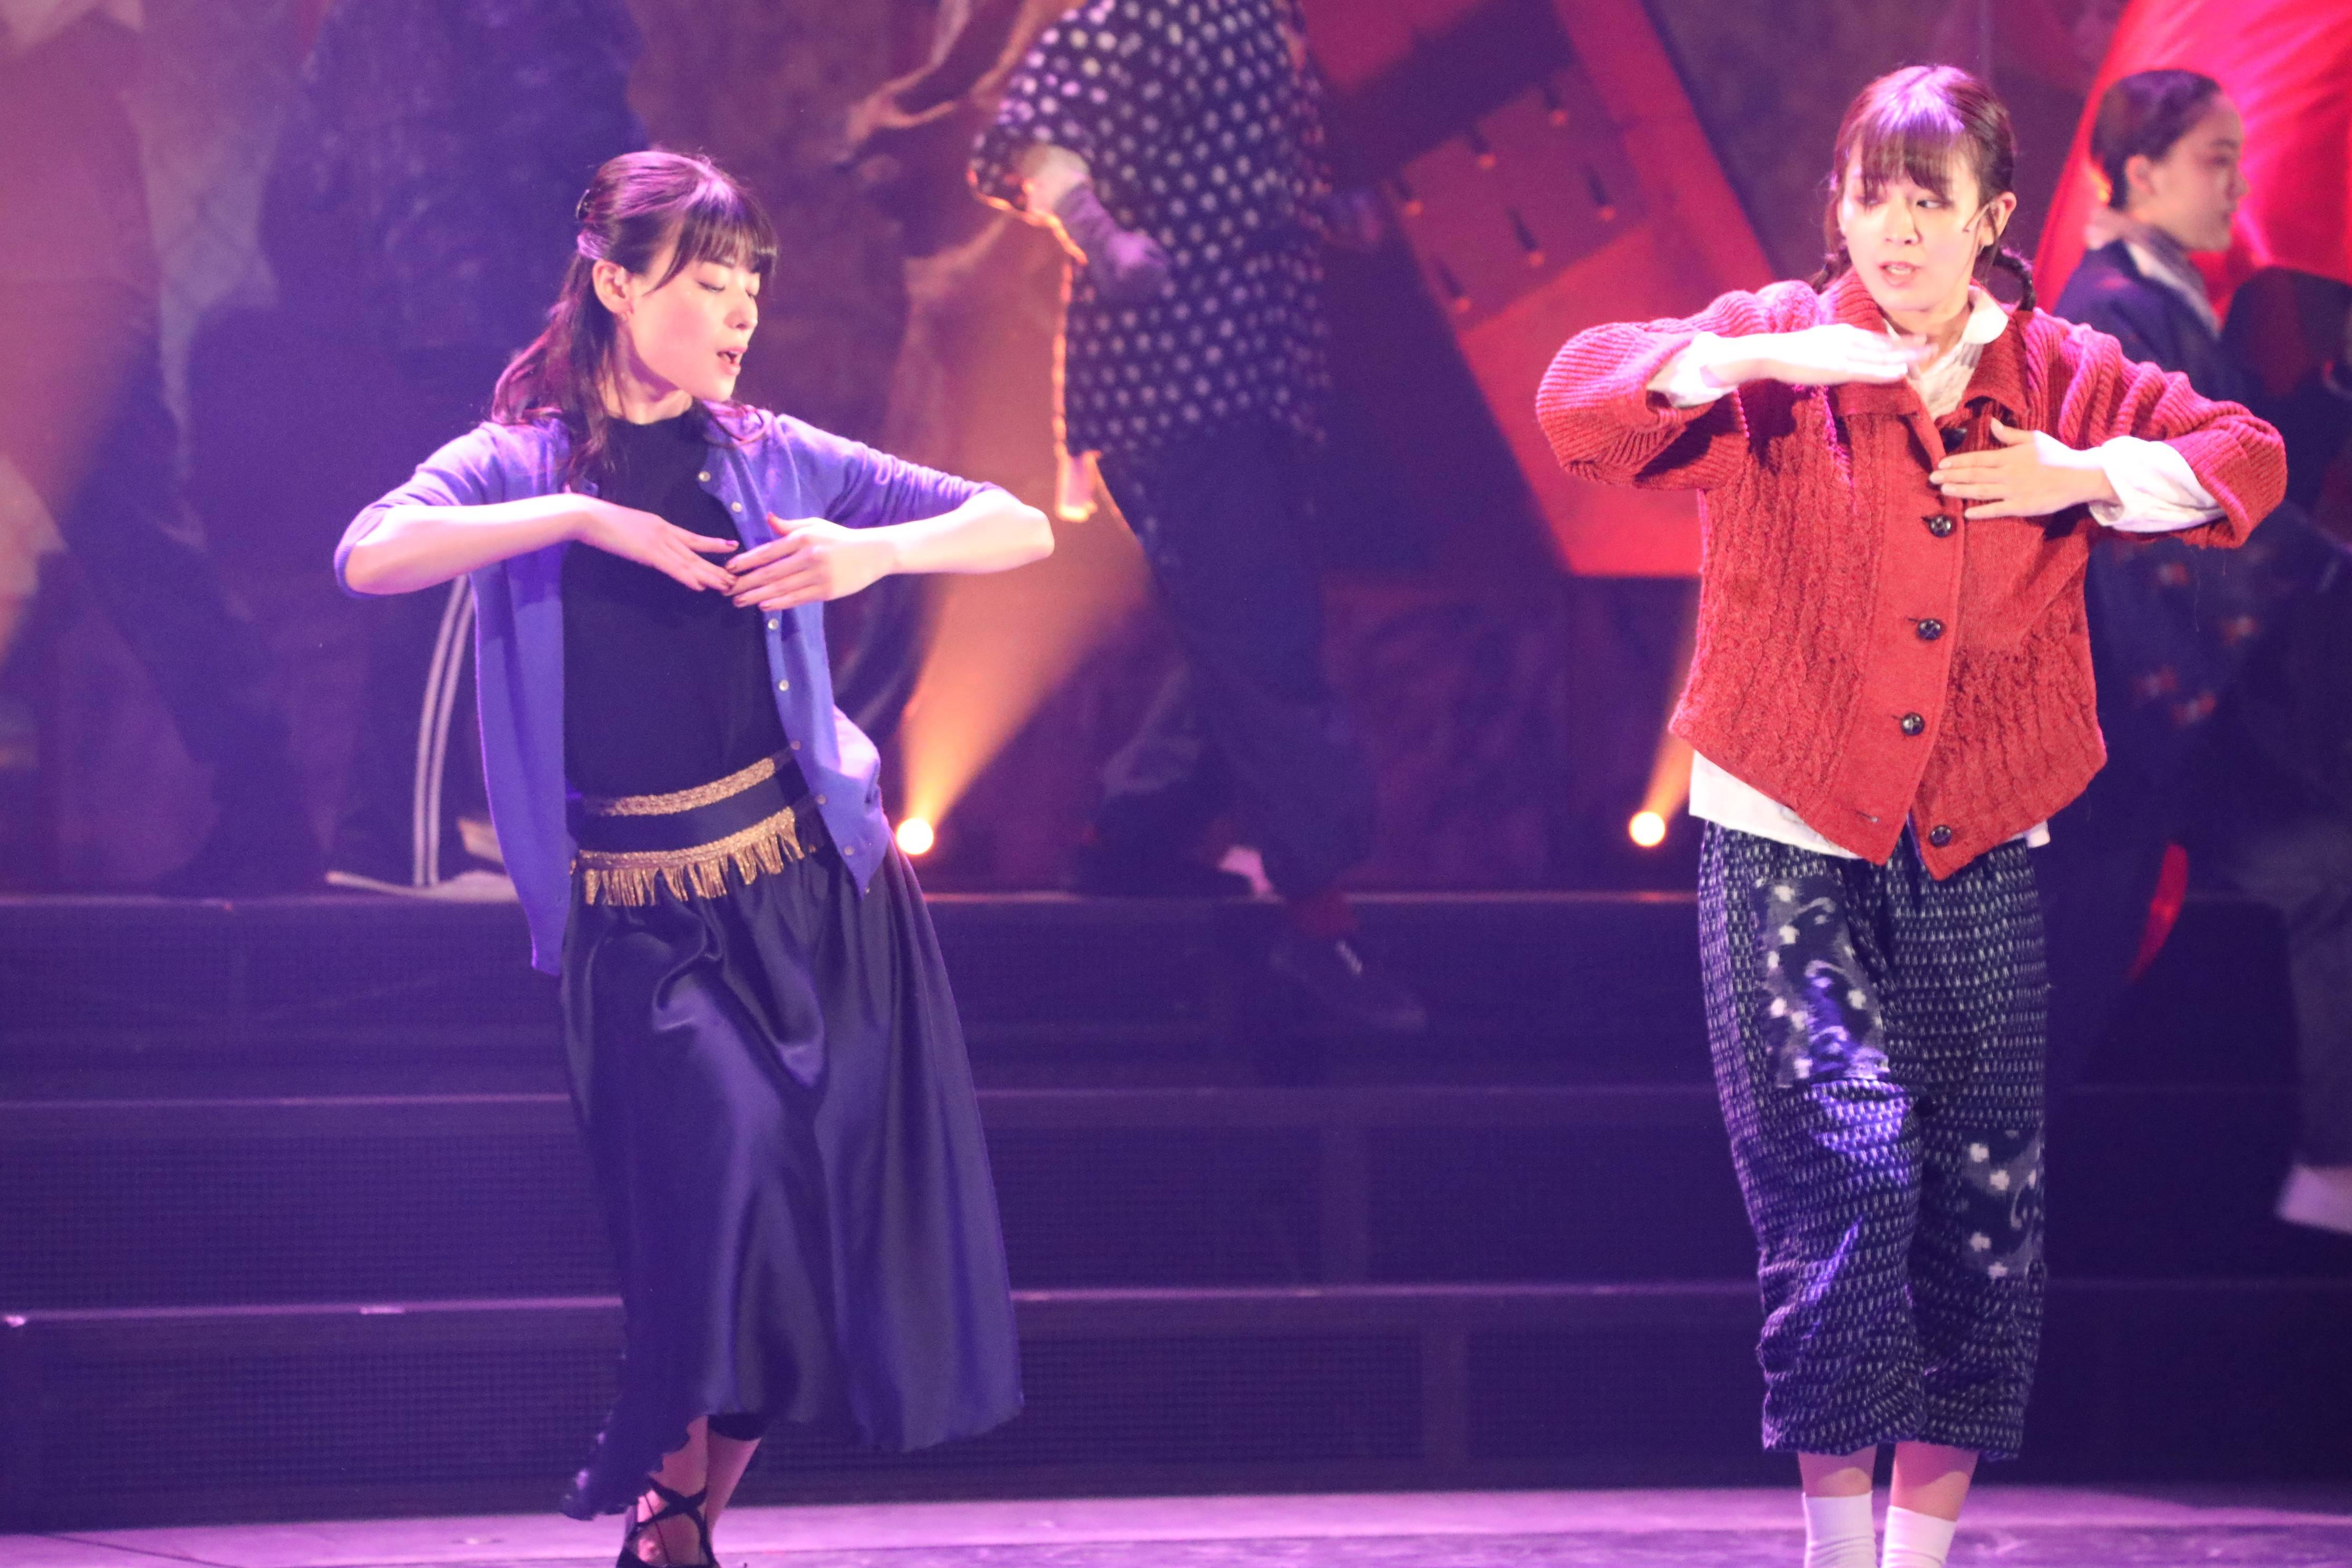 舞台「フラガール」で早苗を演じる太田奈緒(右):フランダンス稽古シーン